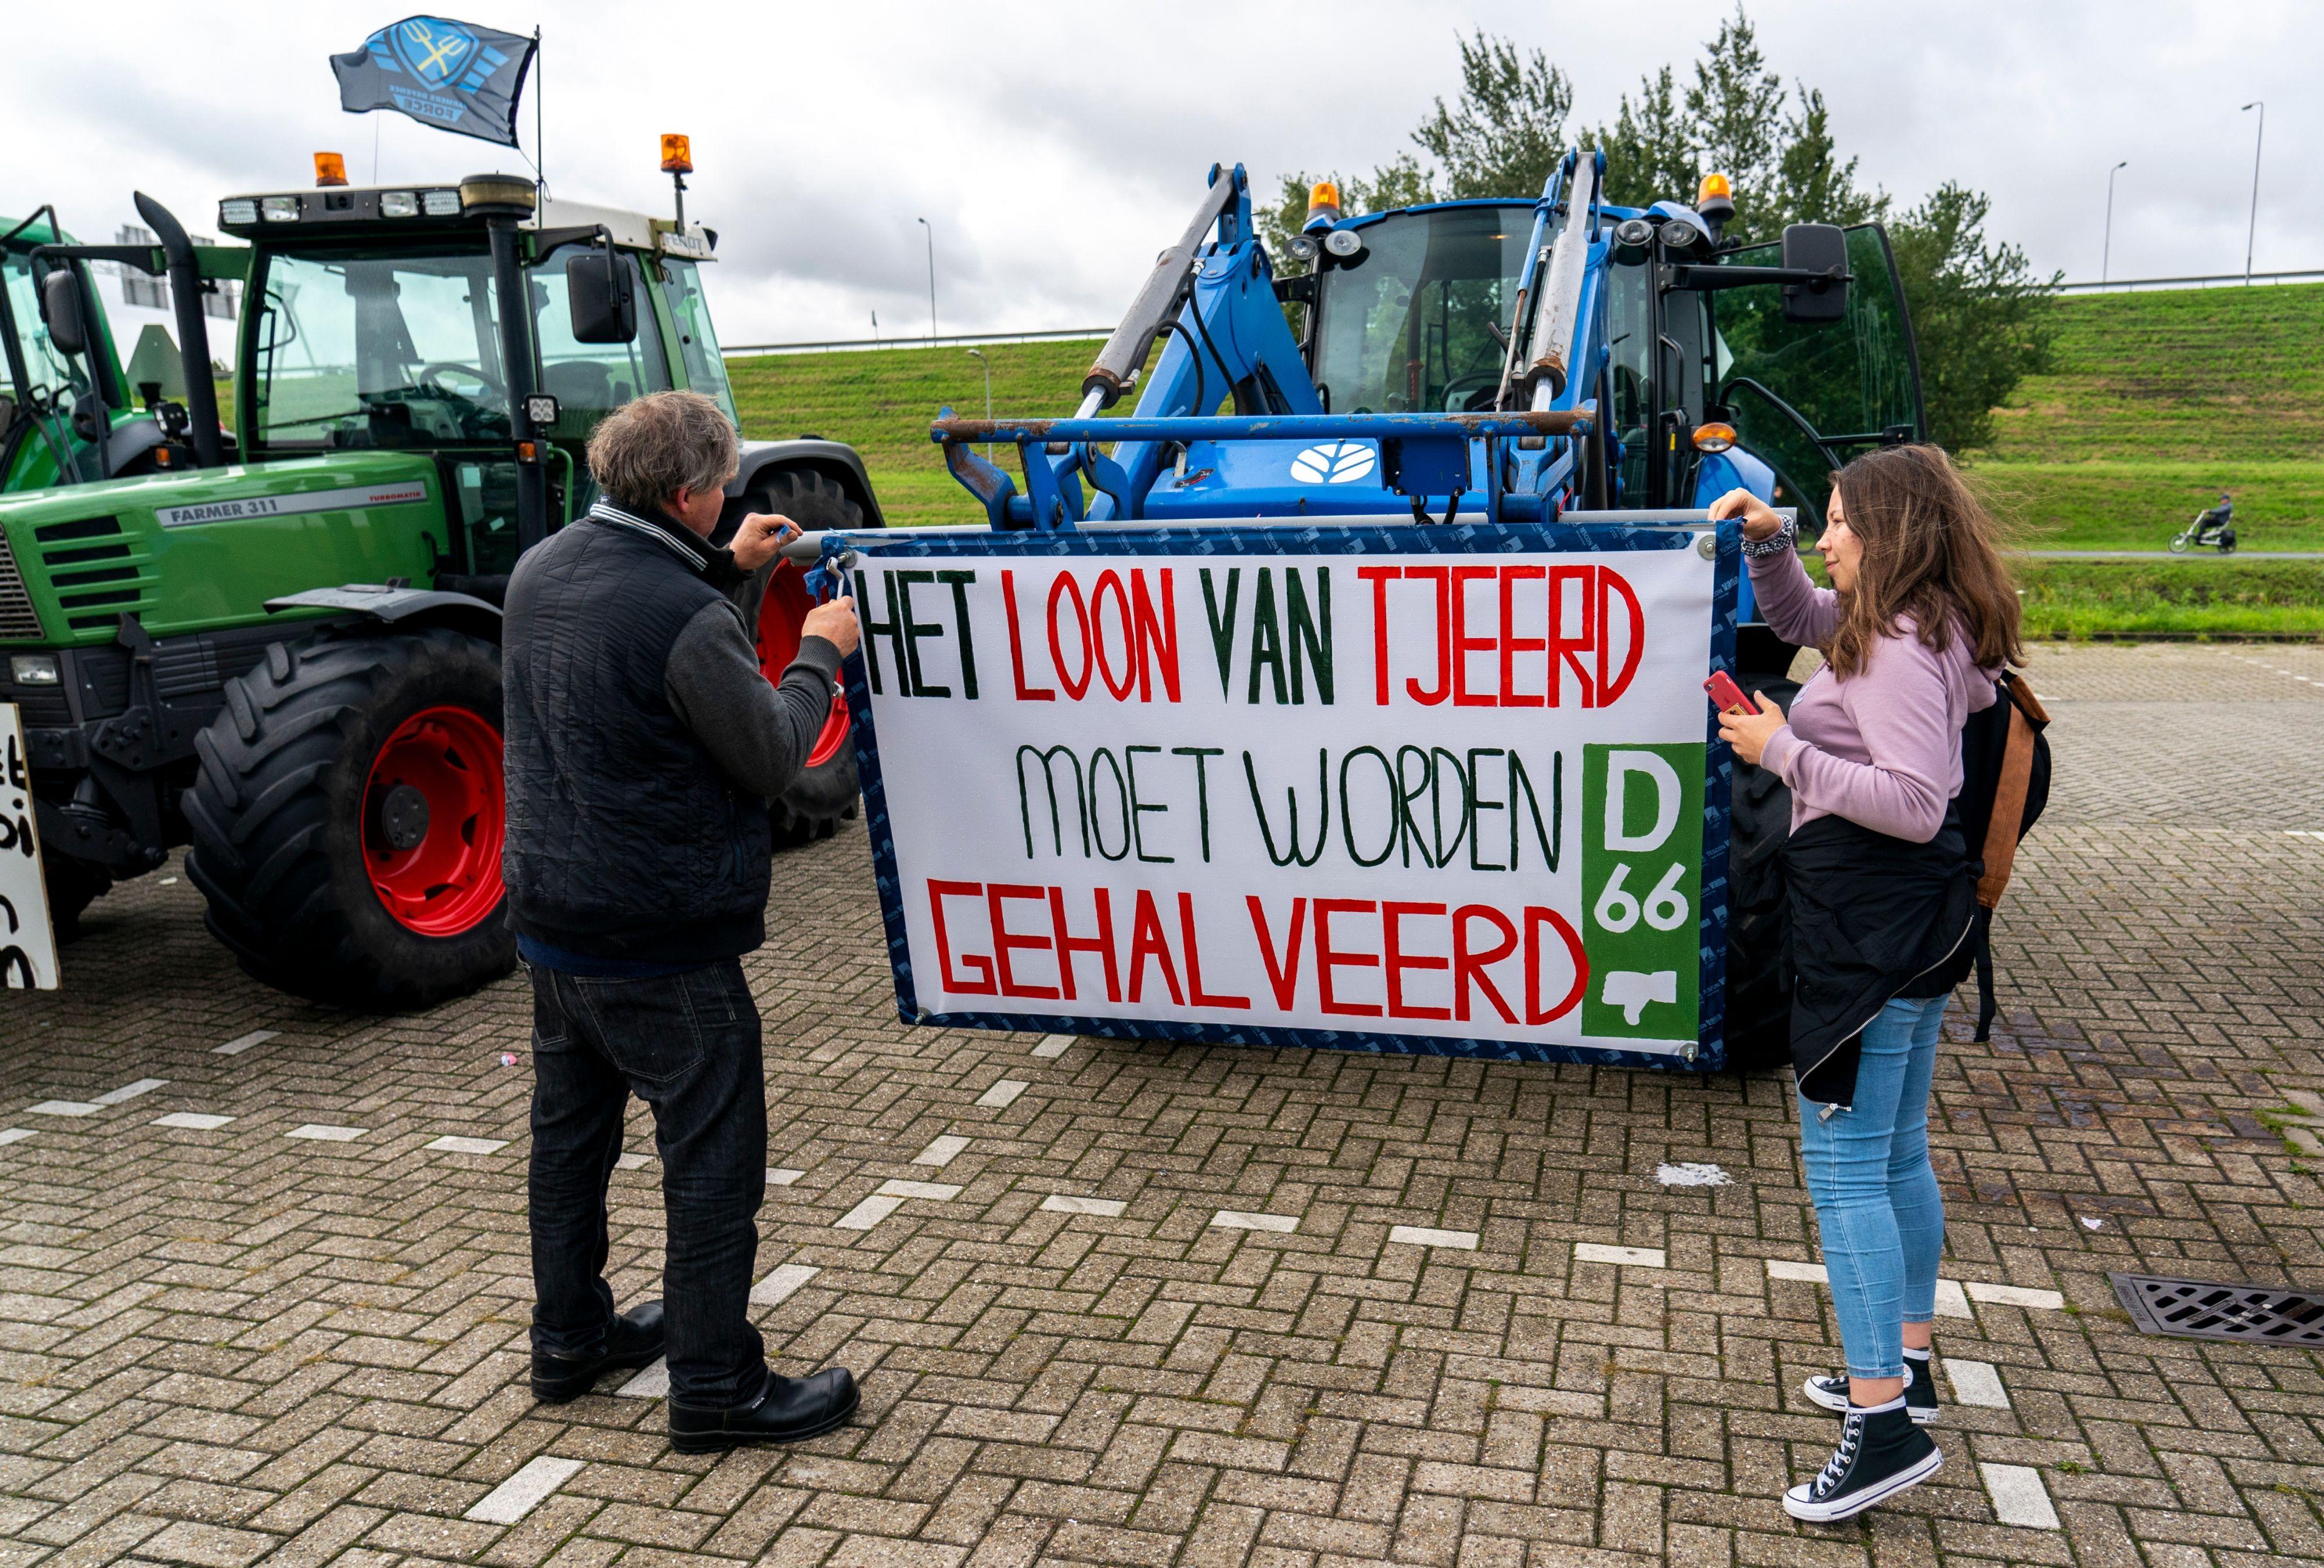 Bij boeren overheerst gevoel van verbondenheid, 'en nu afwachten'